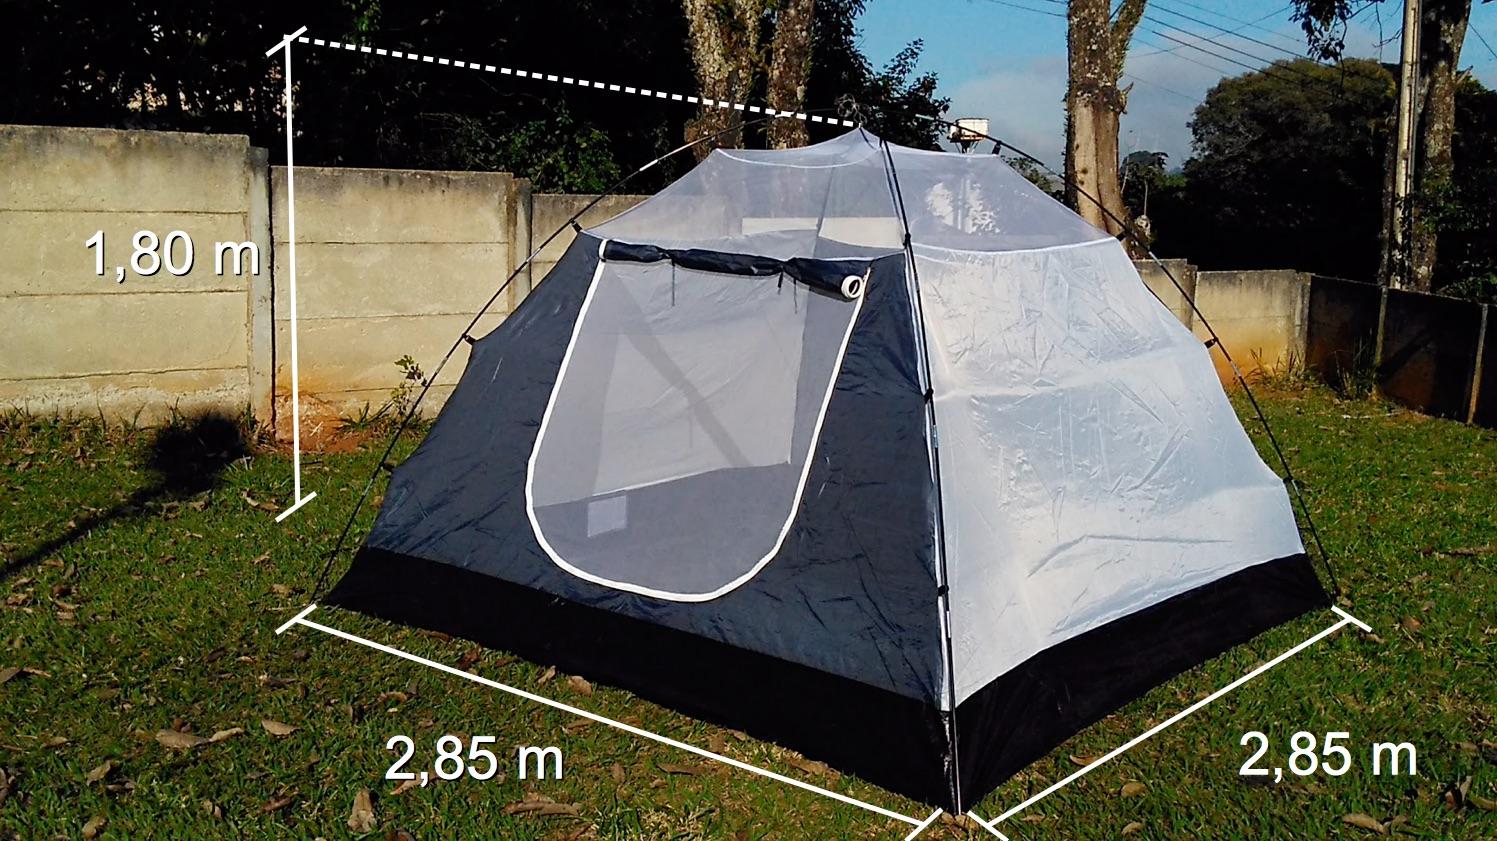 778e41dcd Barraca de camping Mor LUNA 7 - Review completo e projeto de melhorias